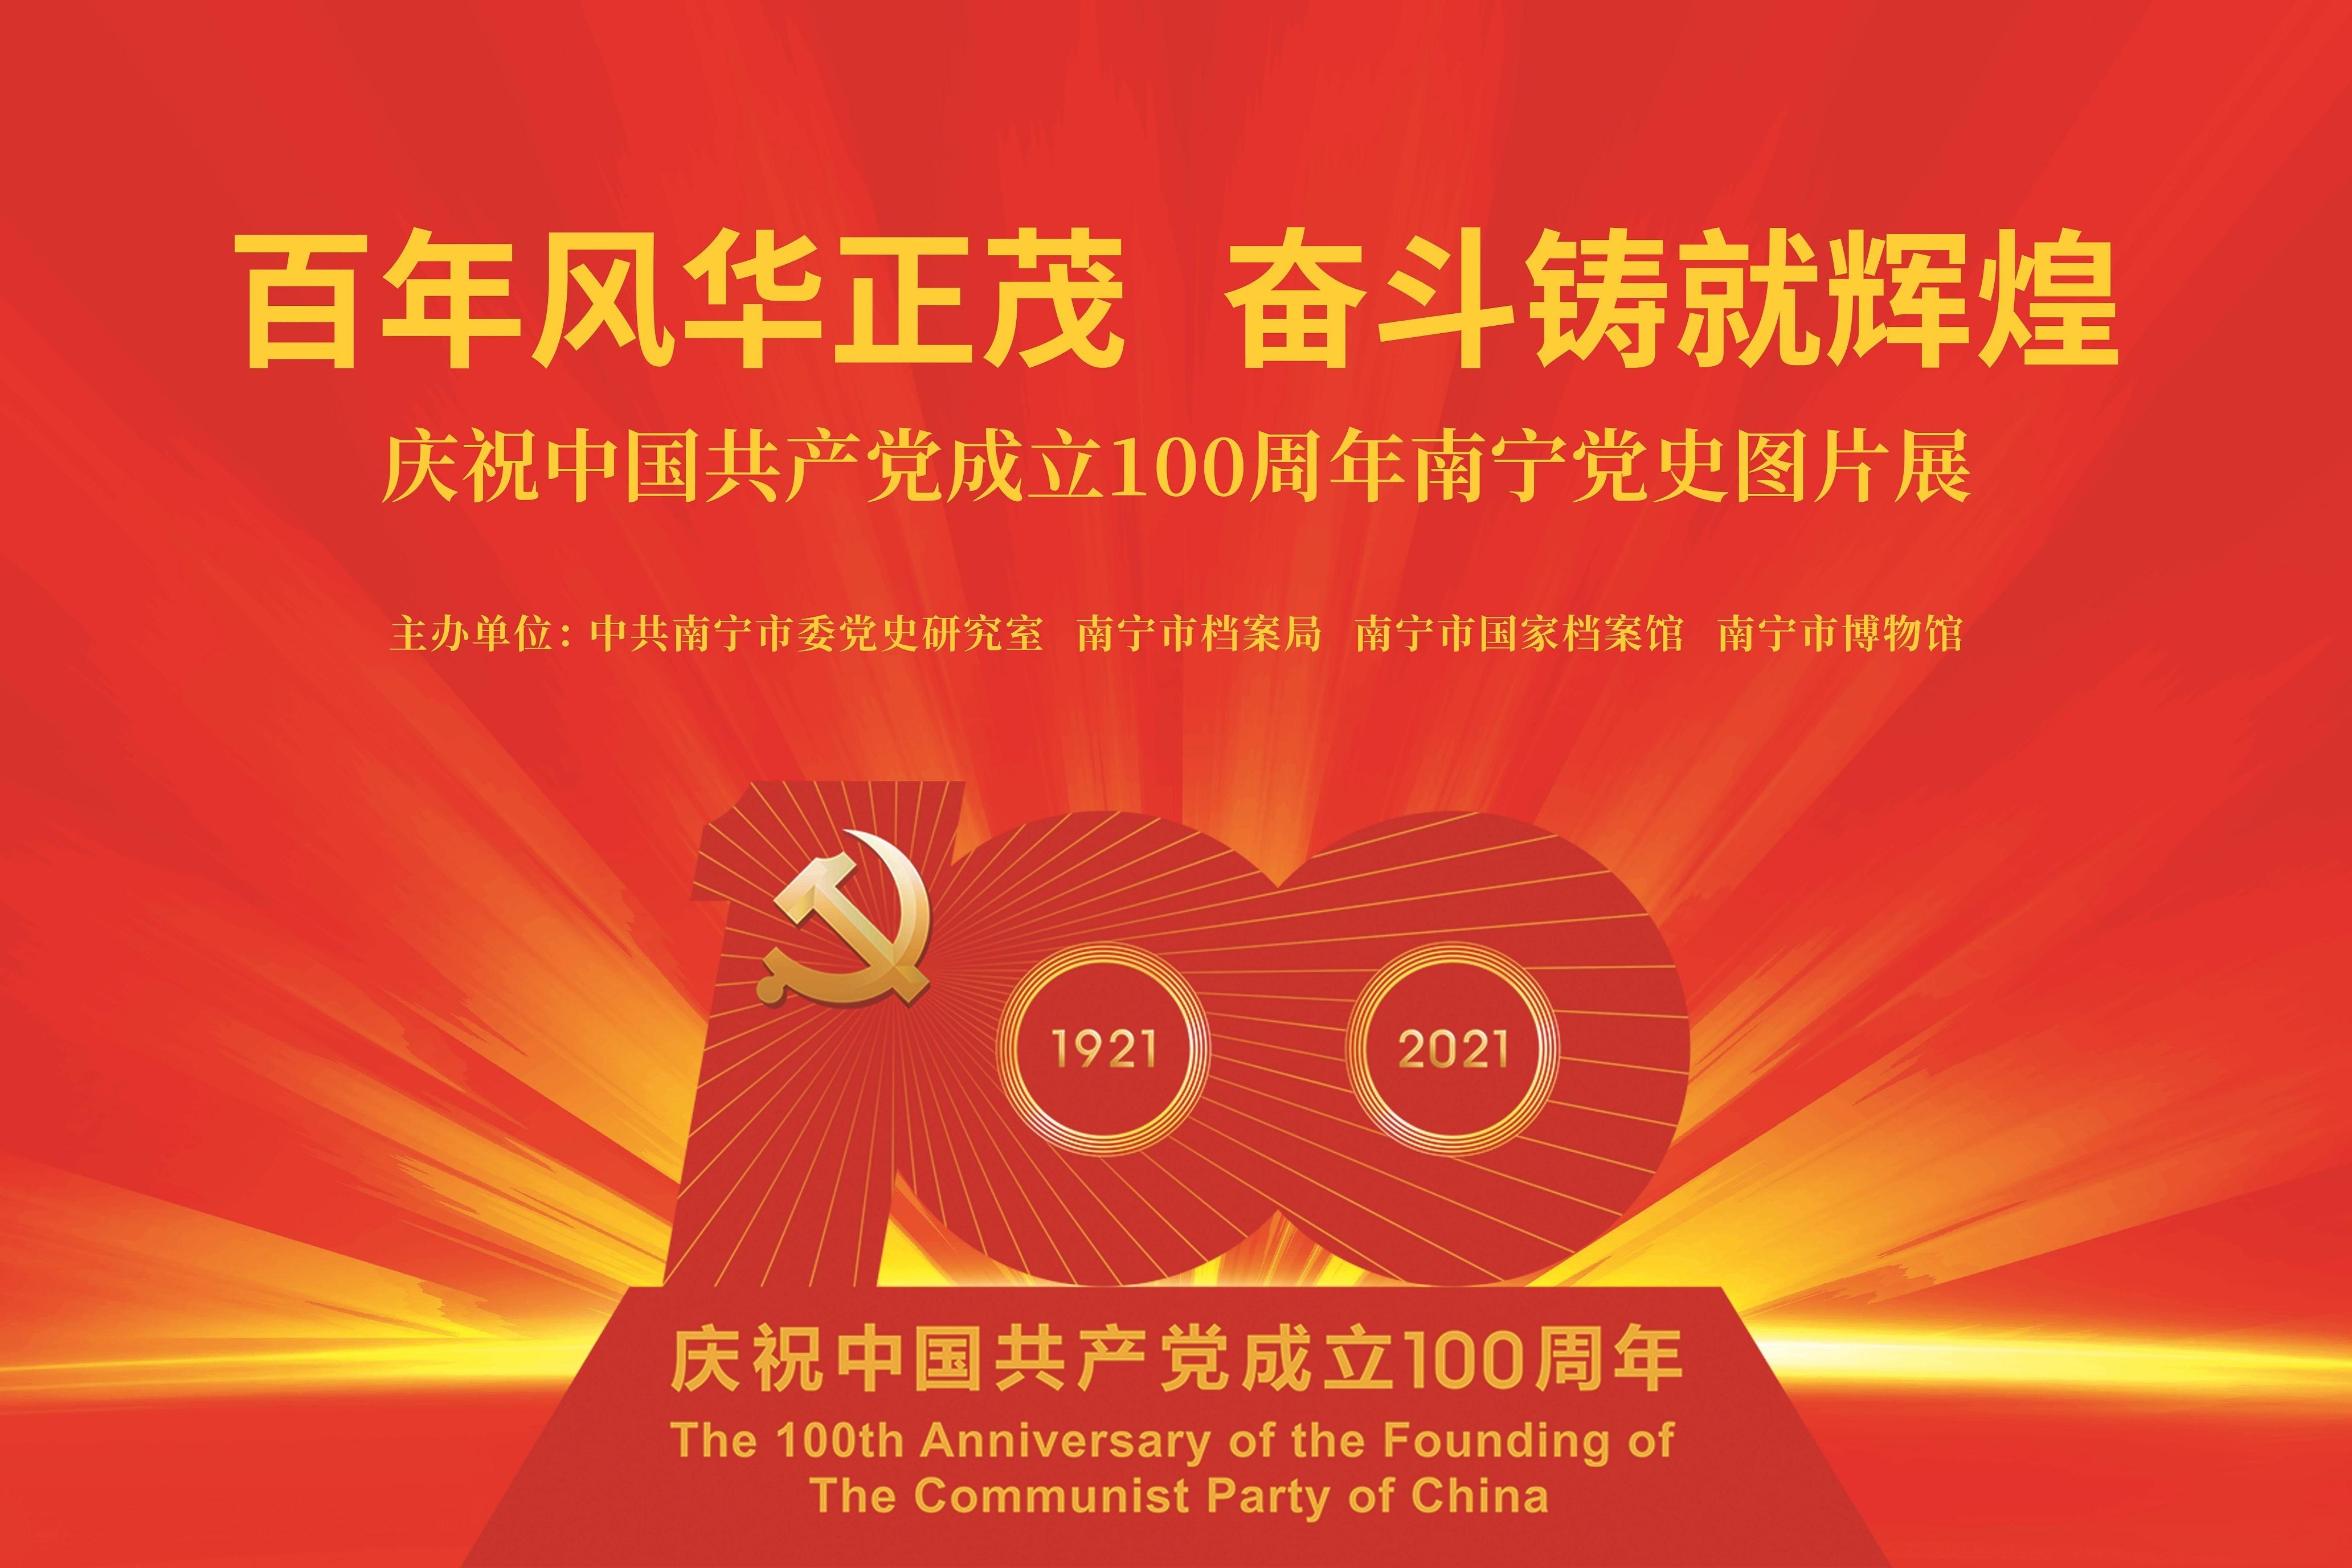 《百年风华正茂 奋斗铸就辉煌——庆祝中国共产党成立100周年南宁党史图片展》在南宁博物馆开展